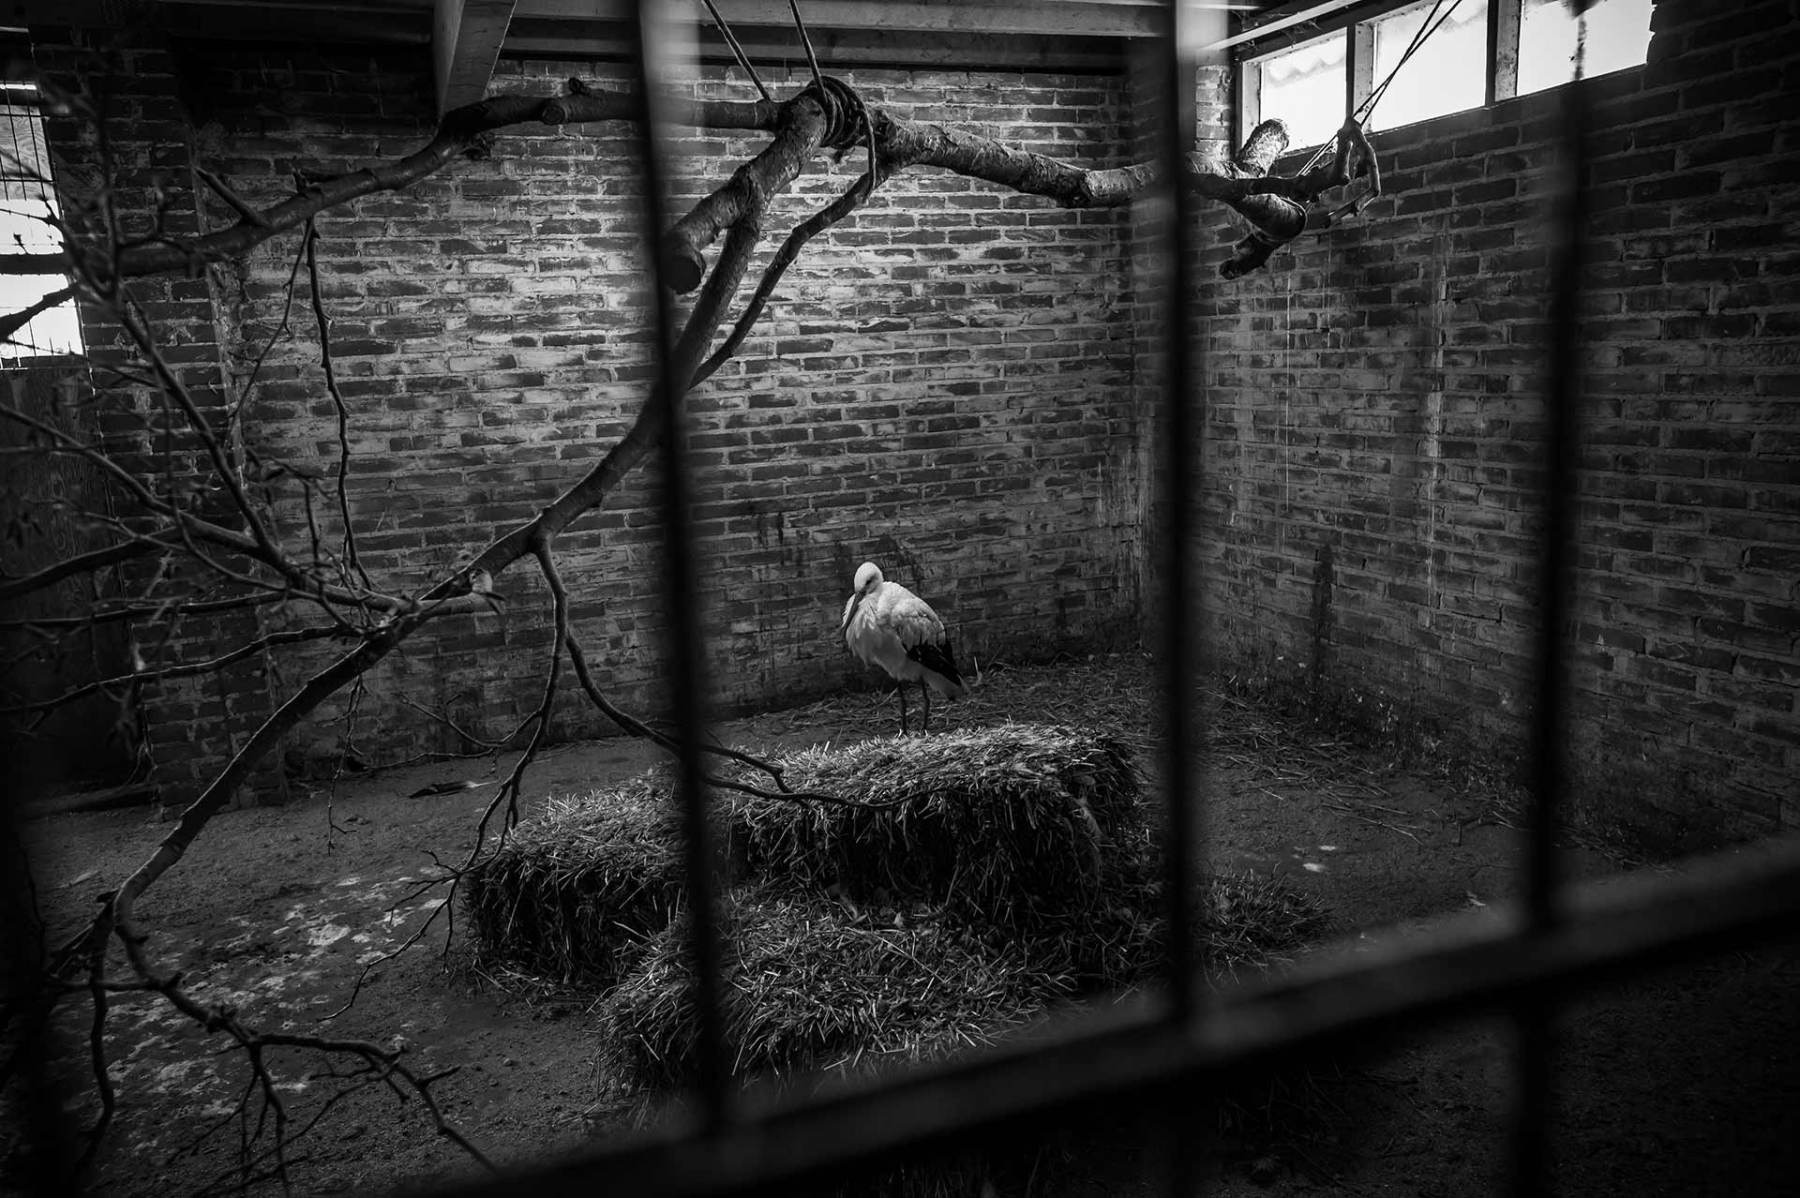 White stork. Denmark, 2016. JMcArthur / Born Free Foundation